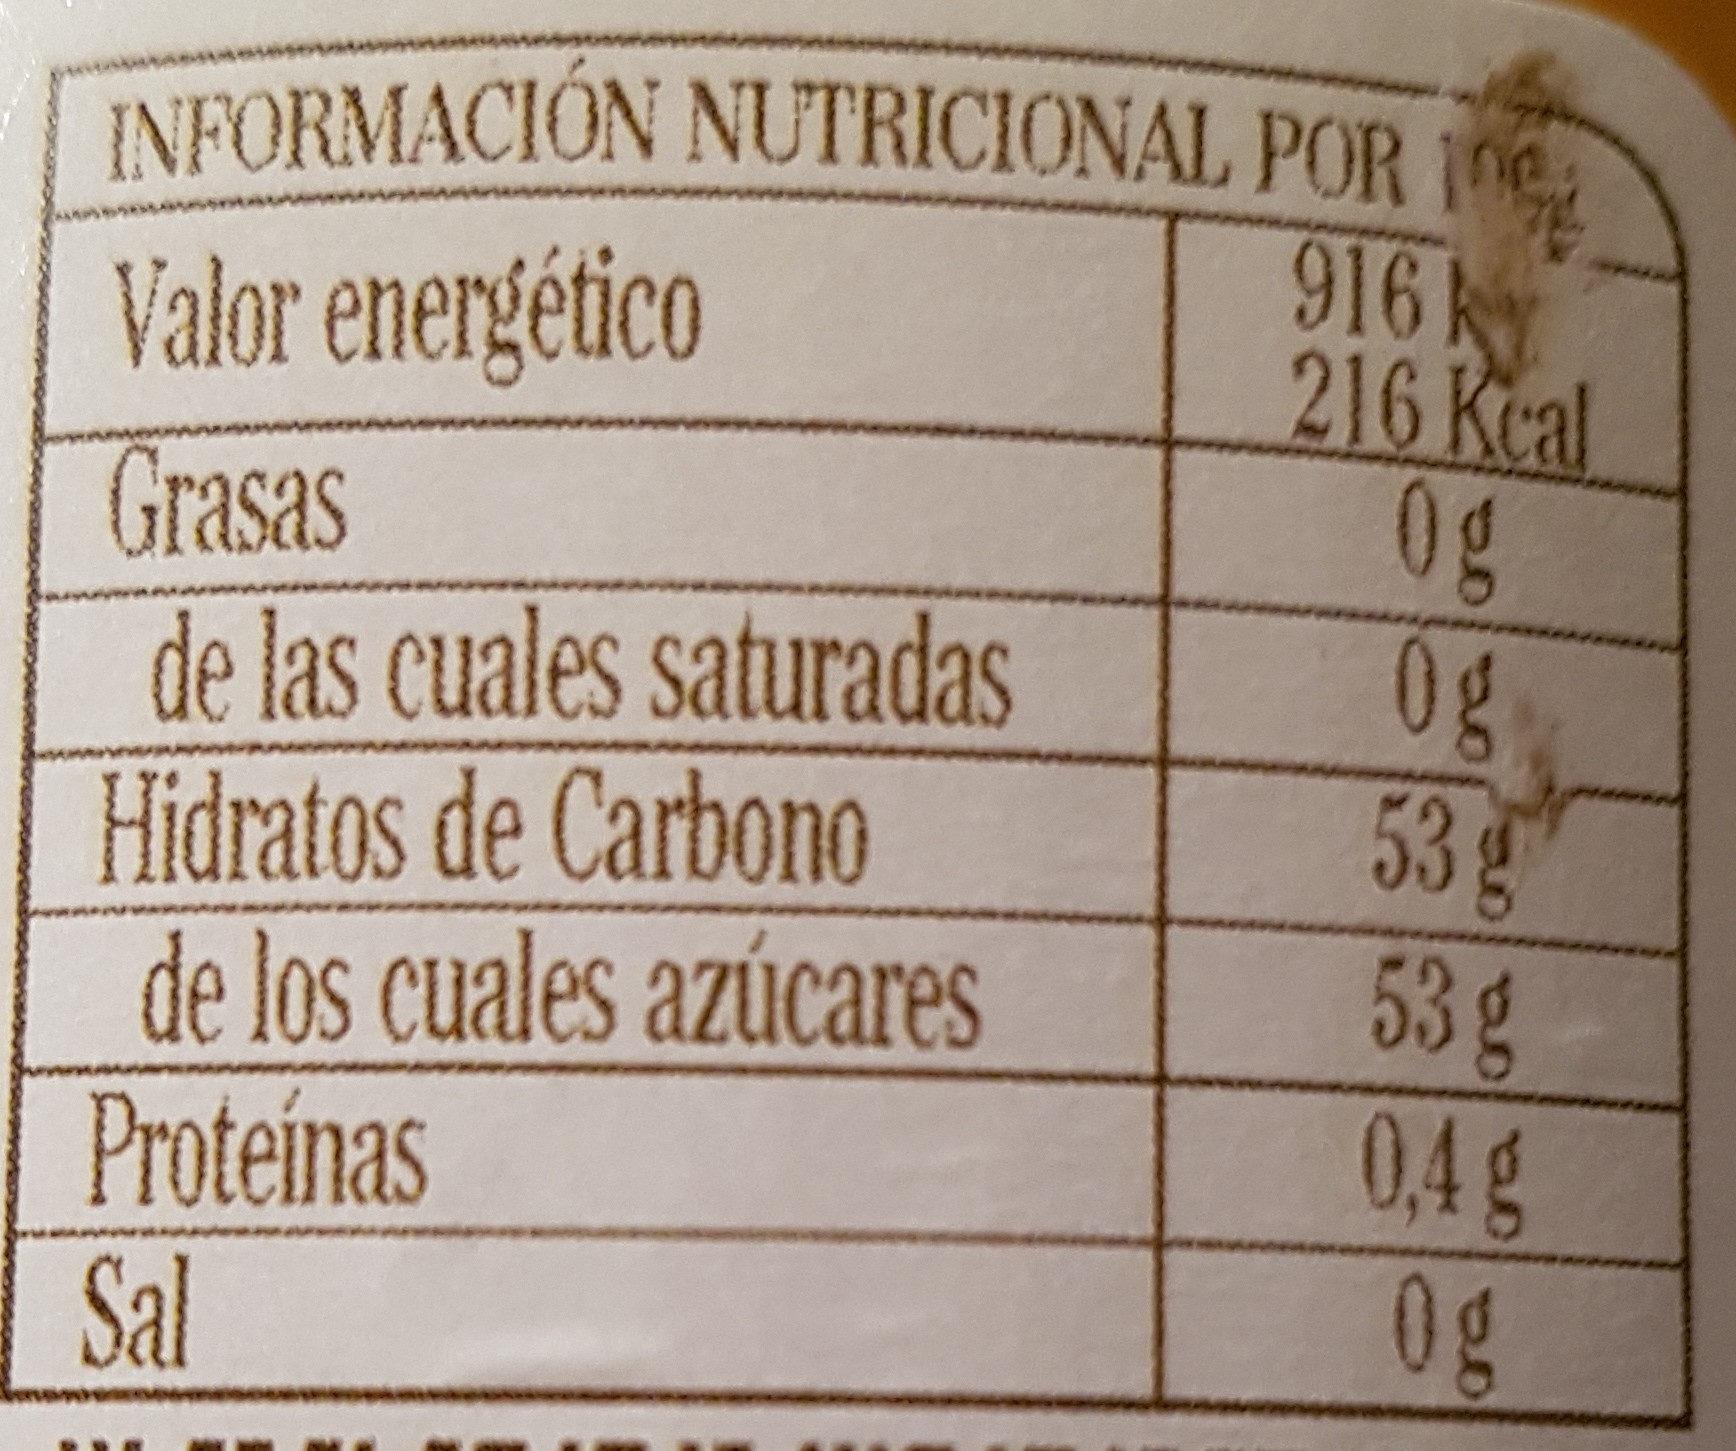 Fragata Sweet Orange - Informations nutritionnelles - es